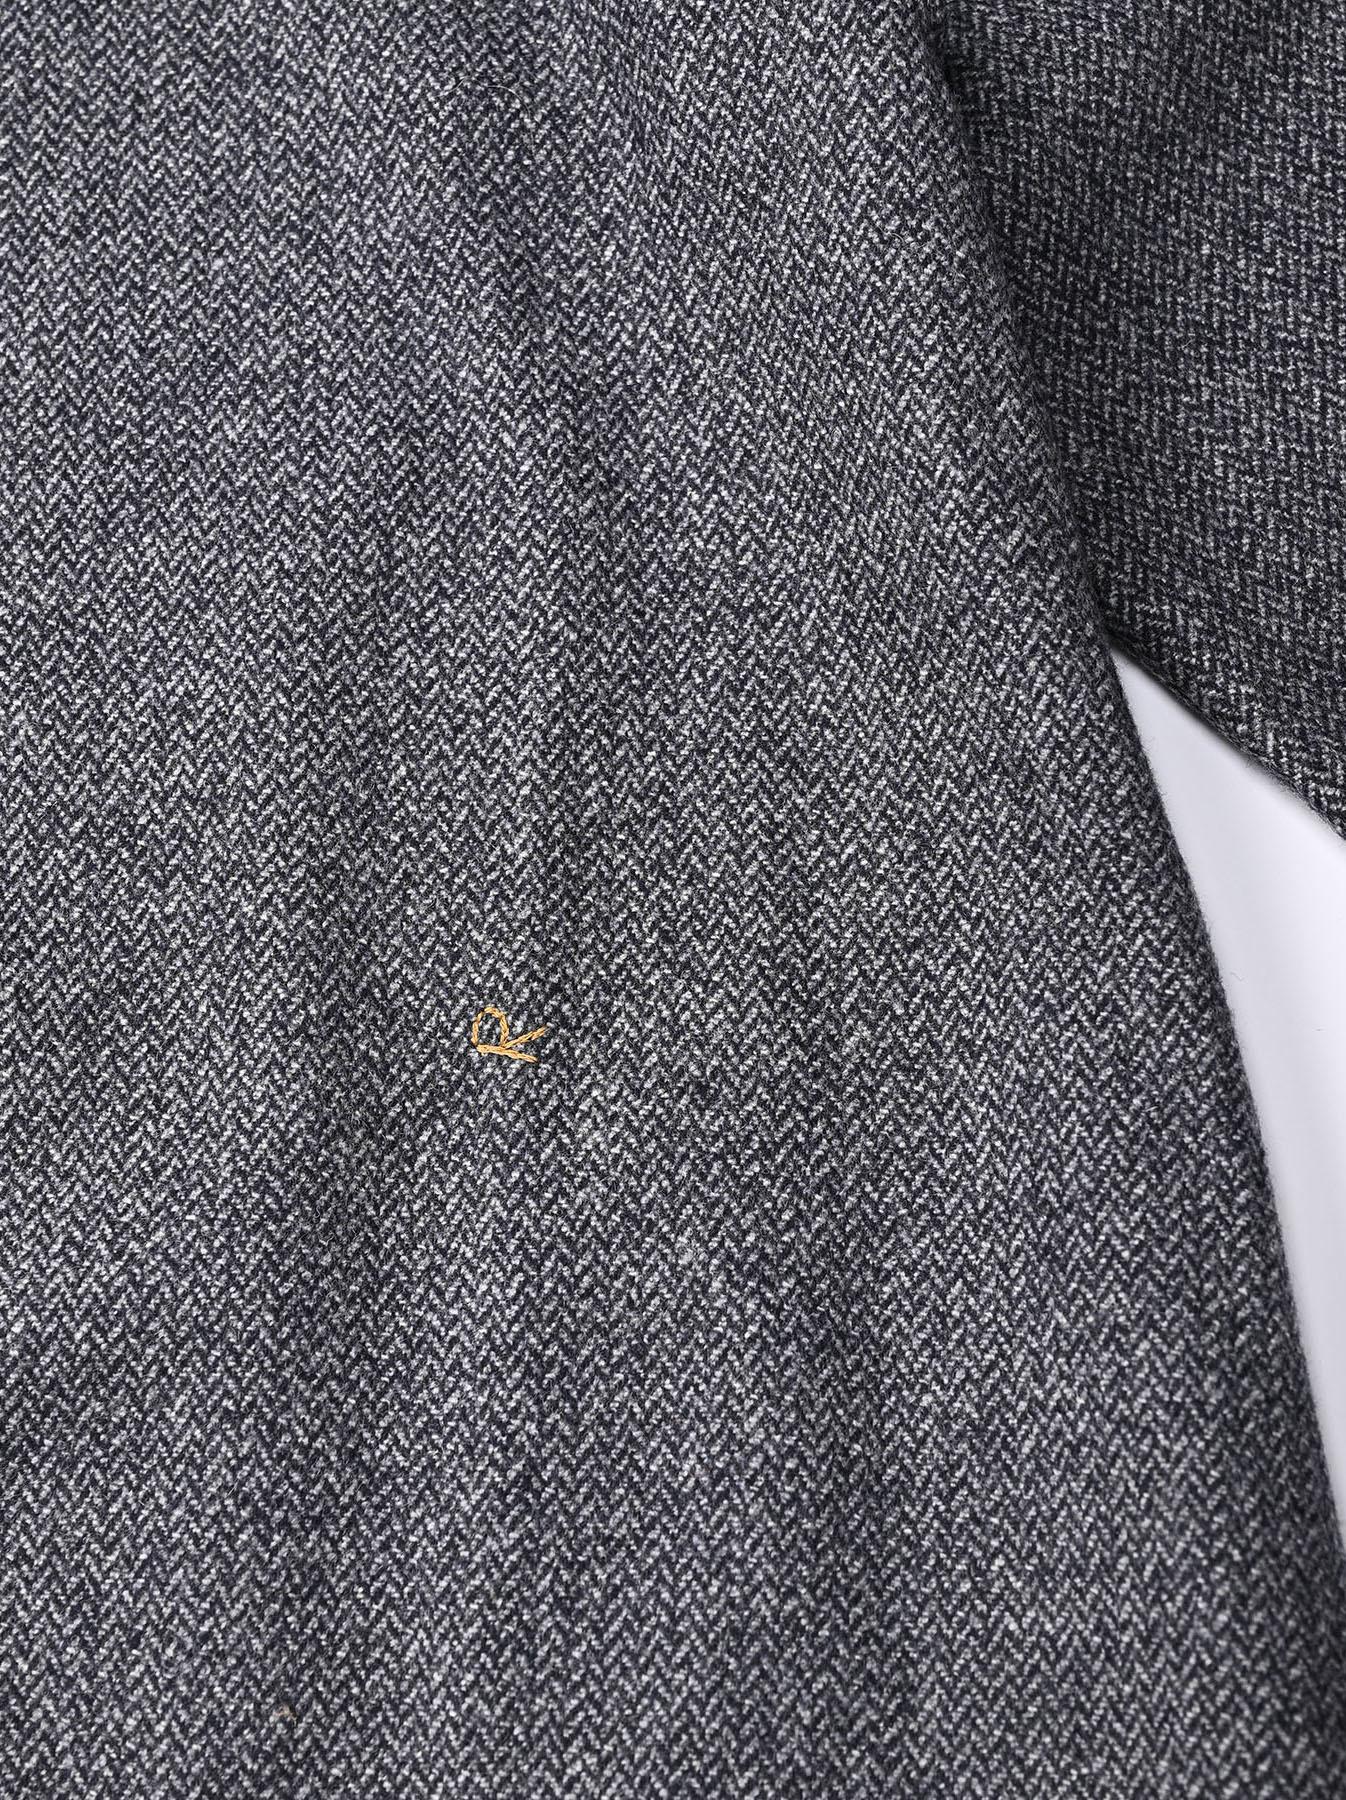 Wool Tweed Stretch Dress-8